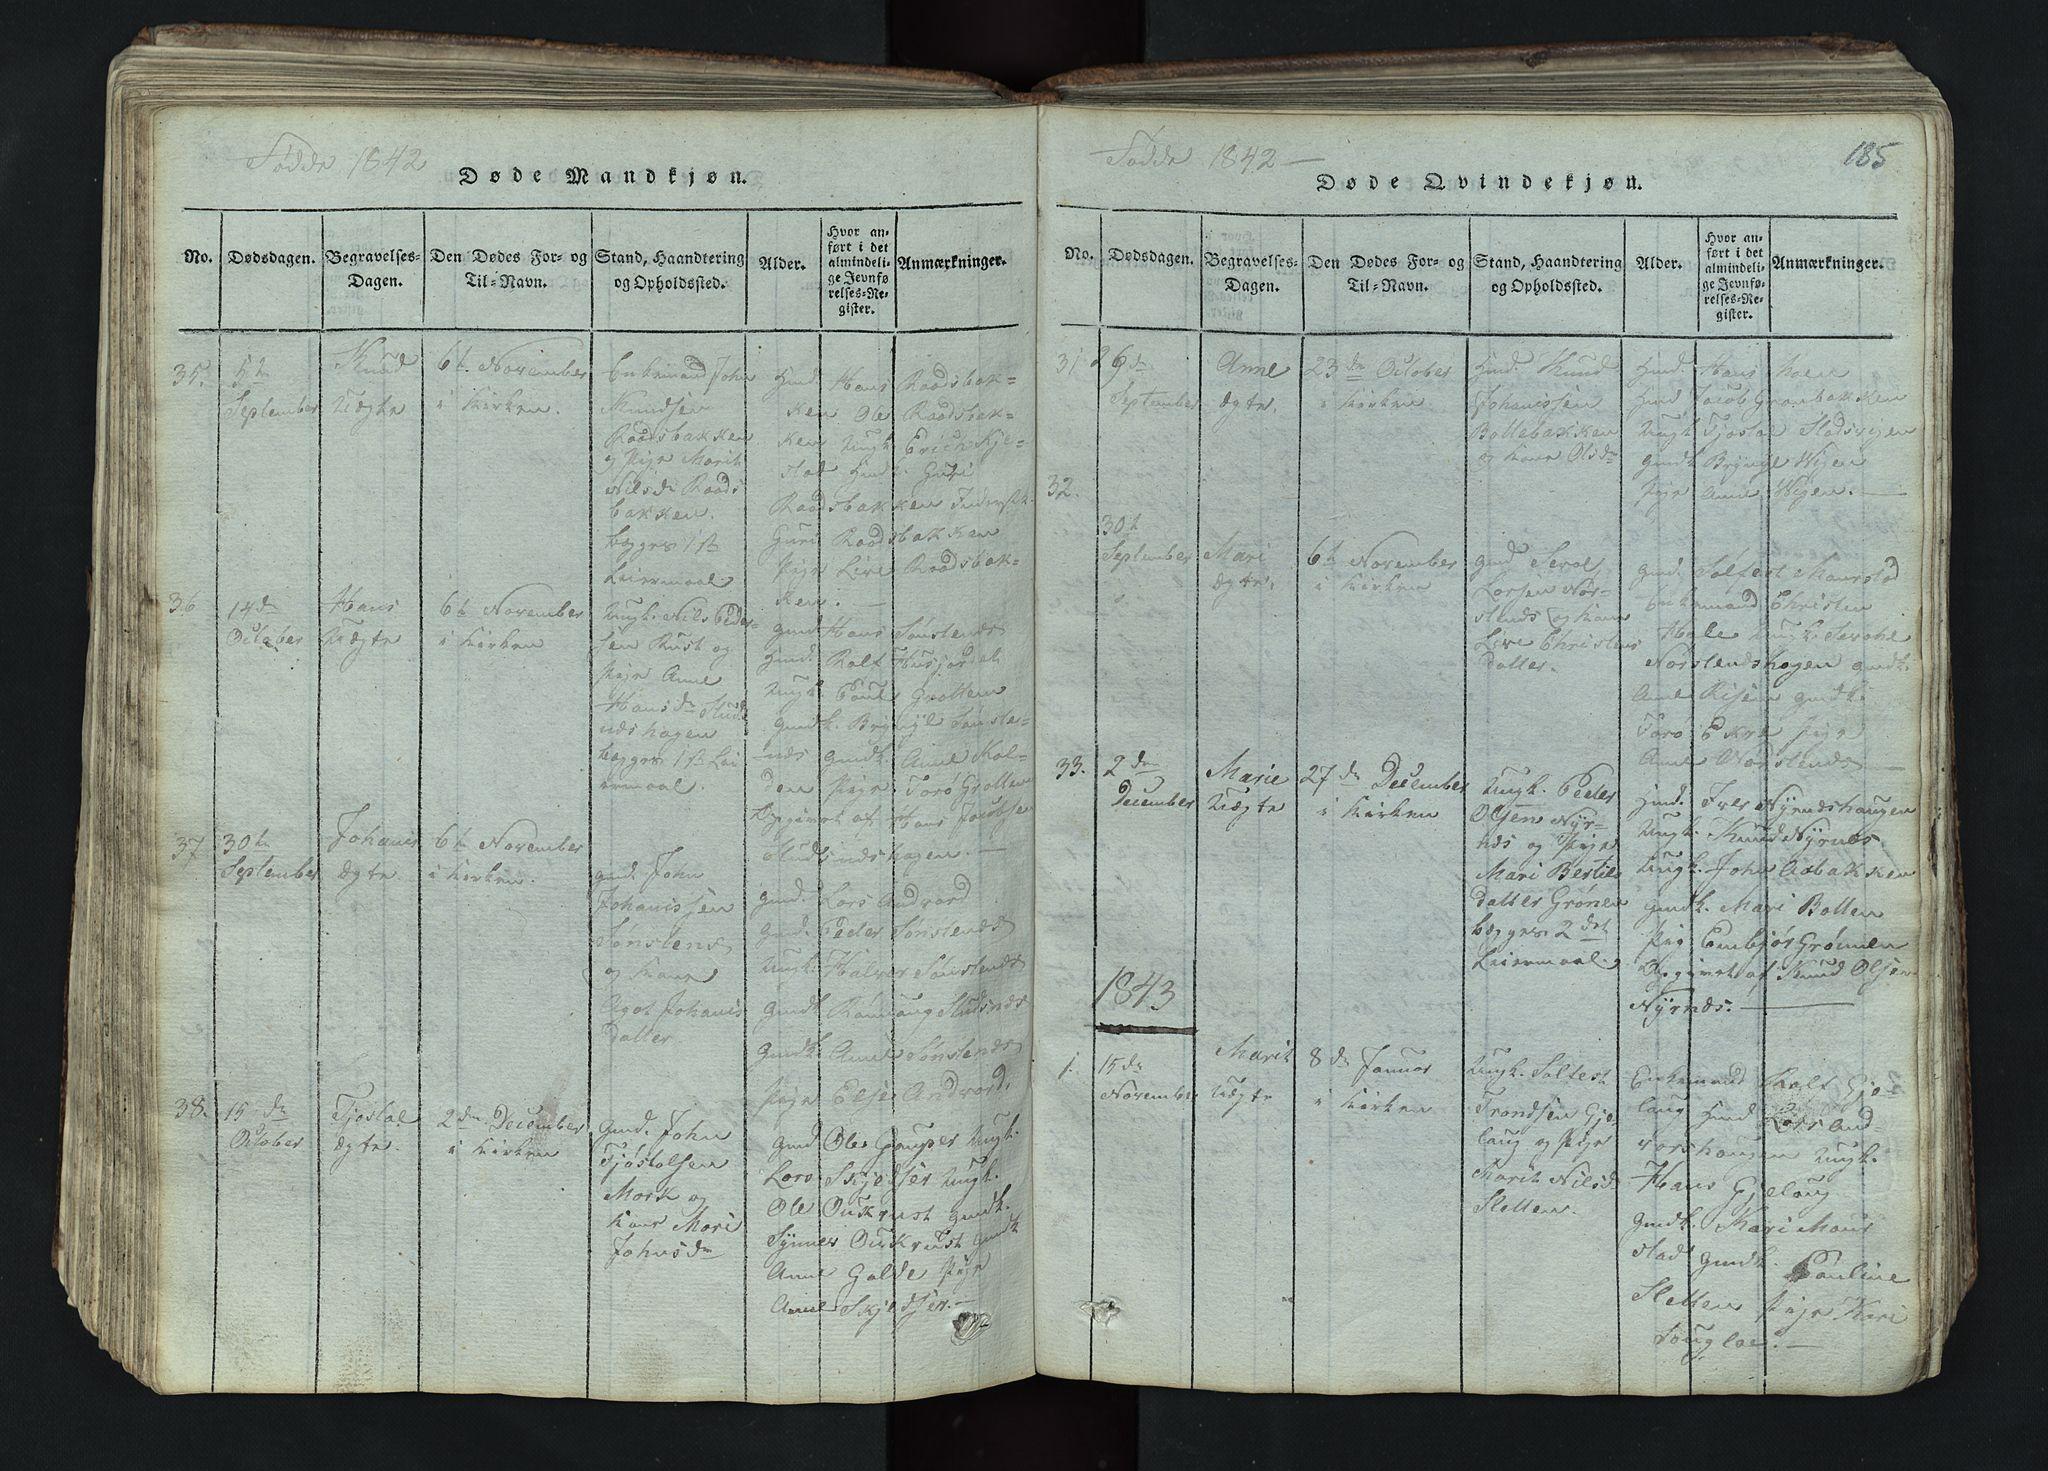 SAH, Lom prestekontor, L/L0002: Klokkerbok nr. 2, 1815-1844, s. 185